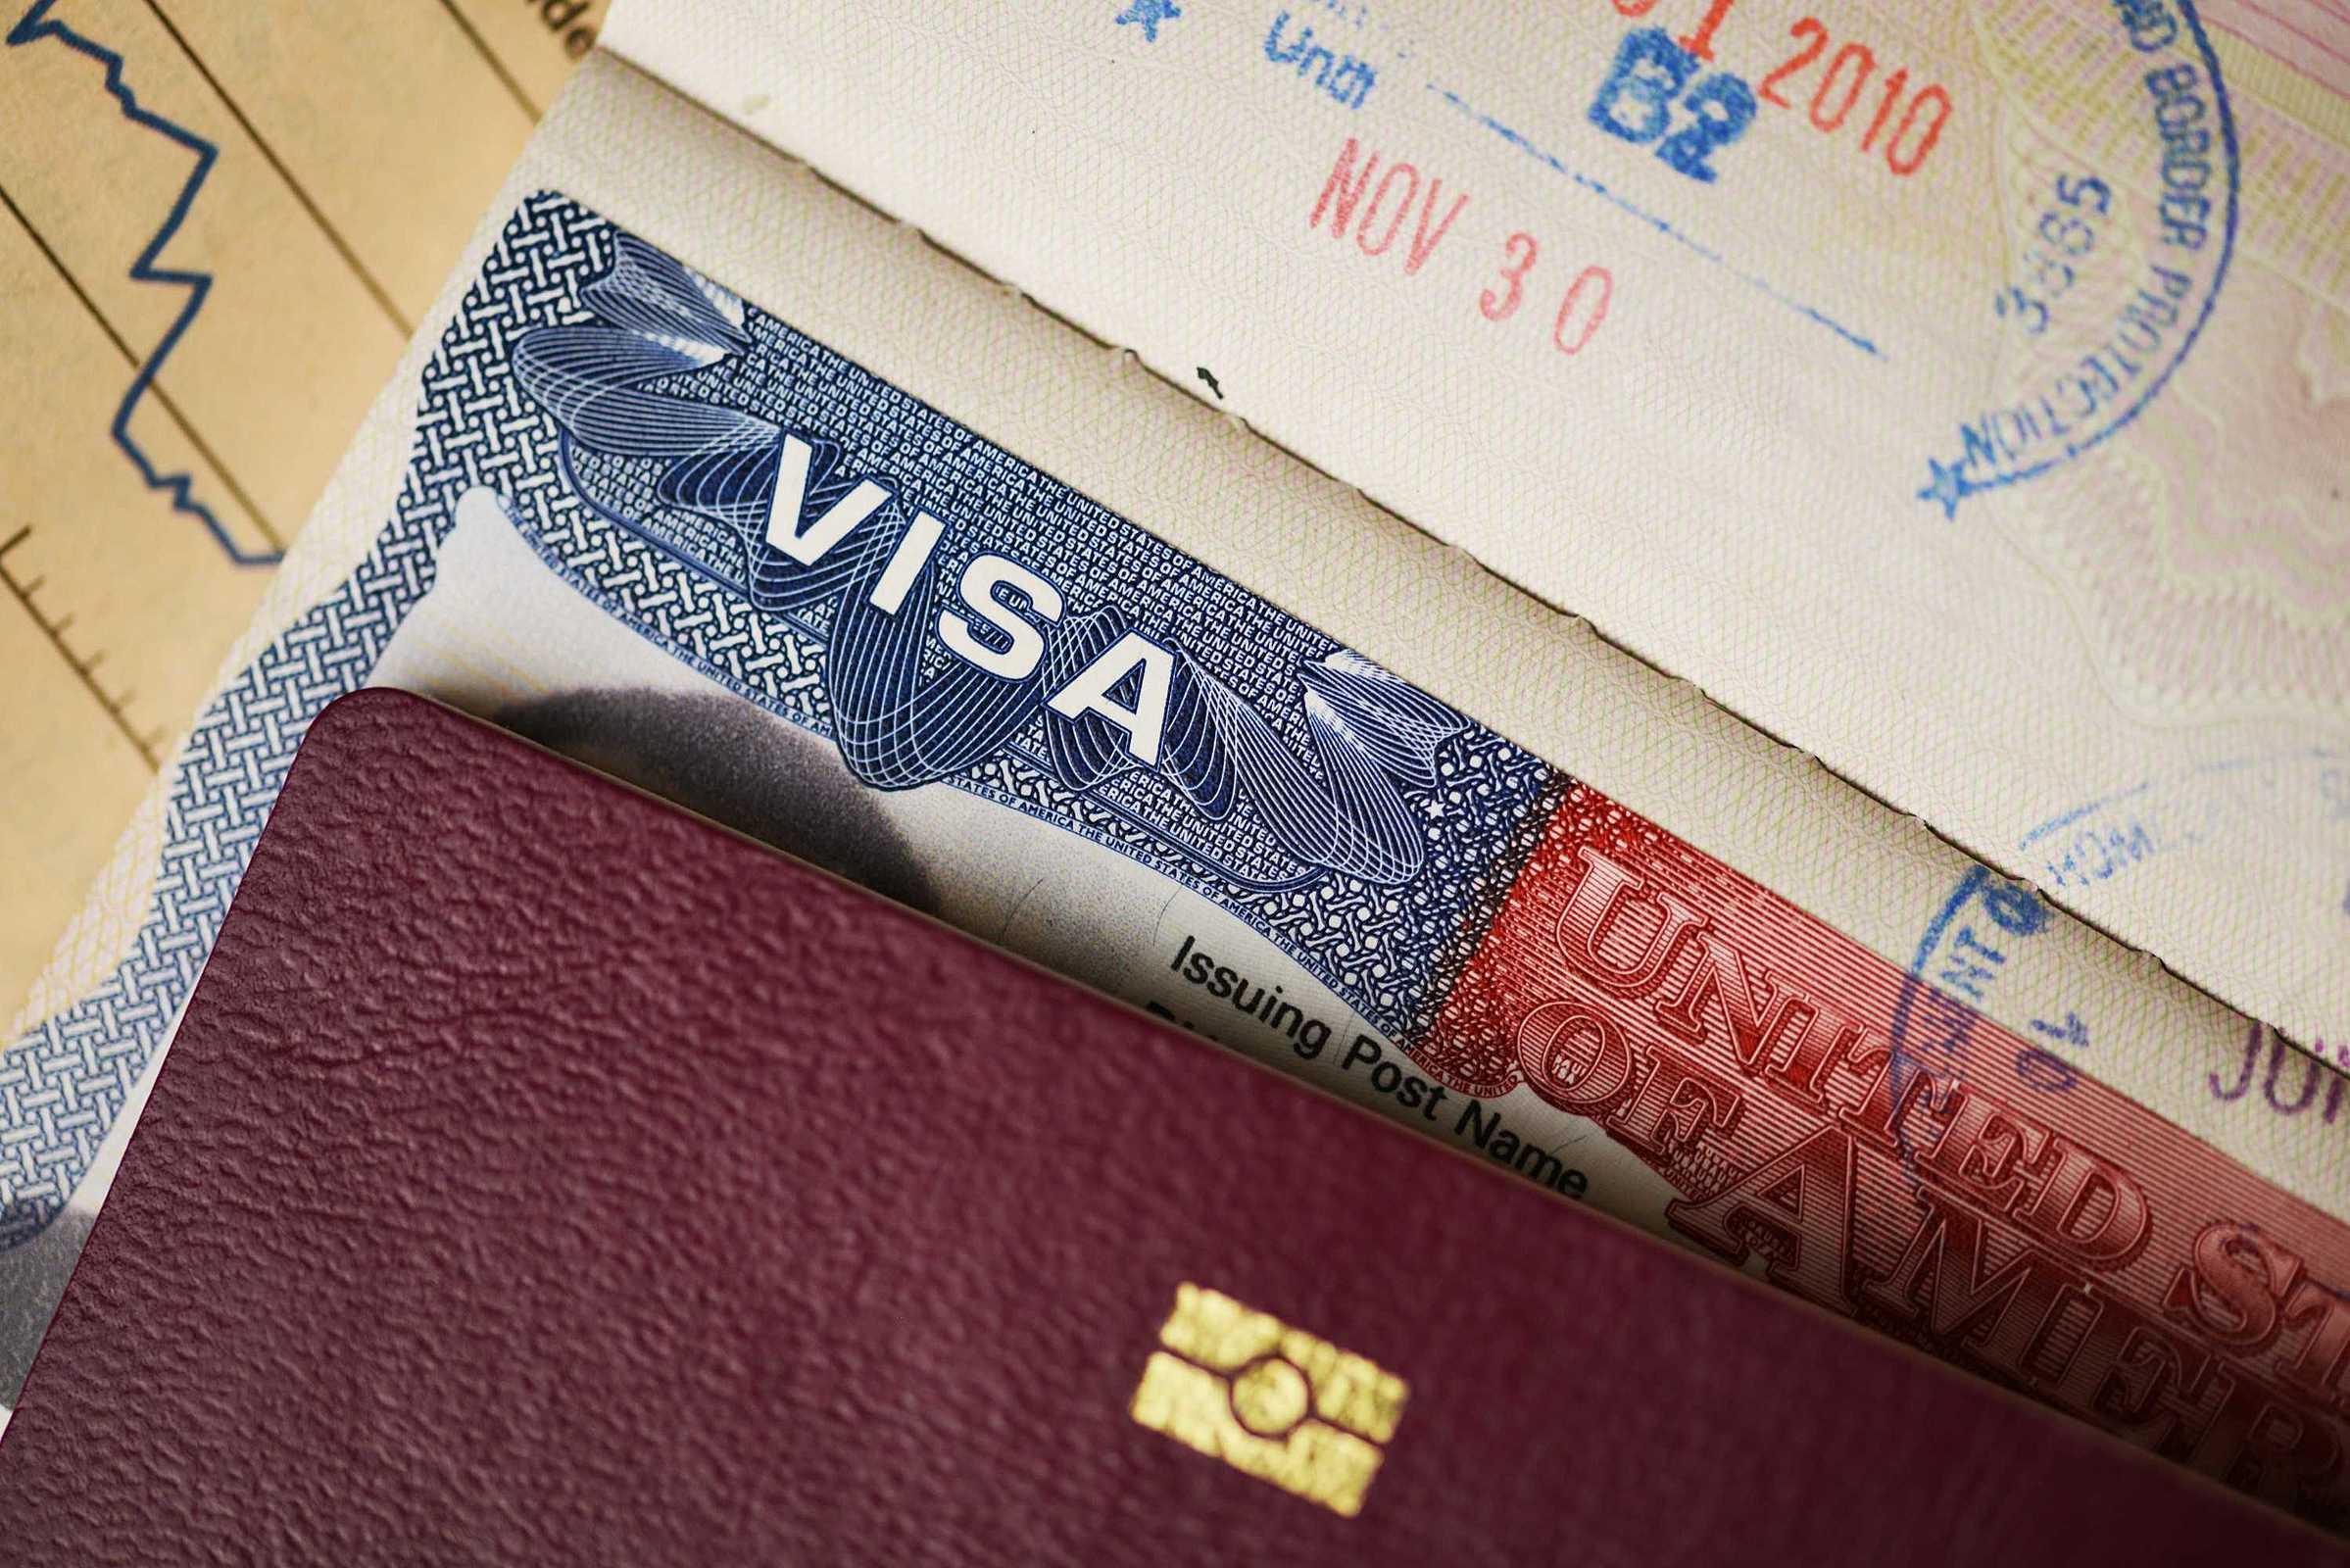 Viver nos EUA: Diferenças dos vistos imigratórios e não imigratórios